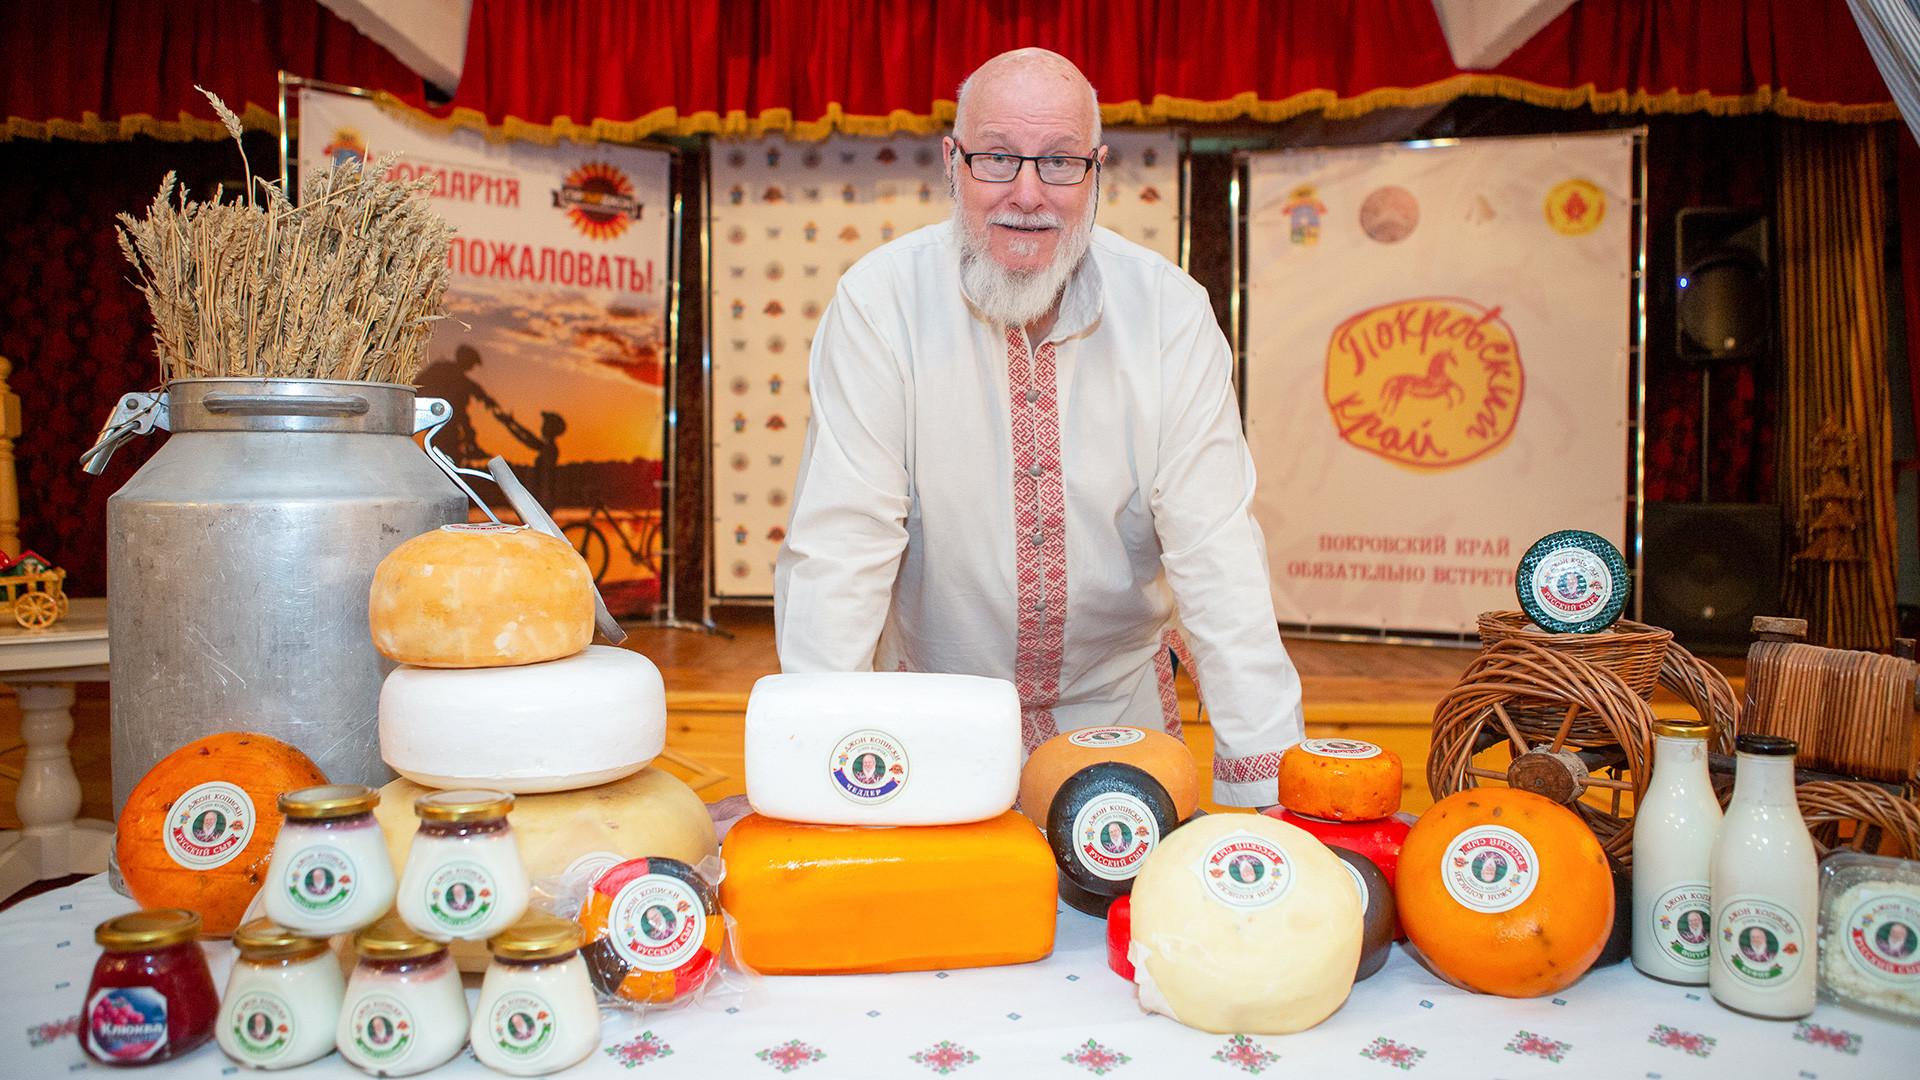 Джон с сырами собственного производства.